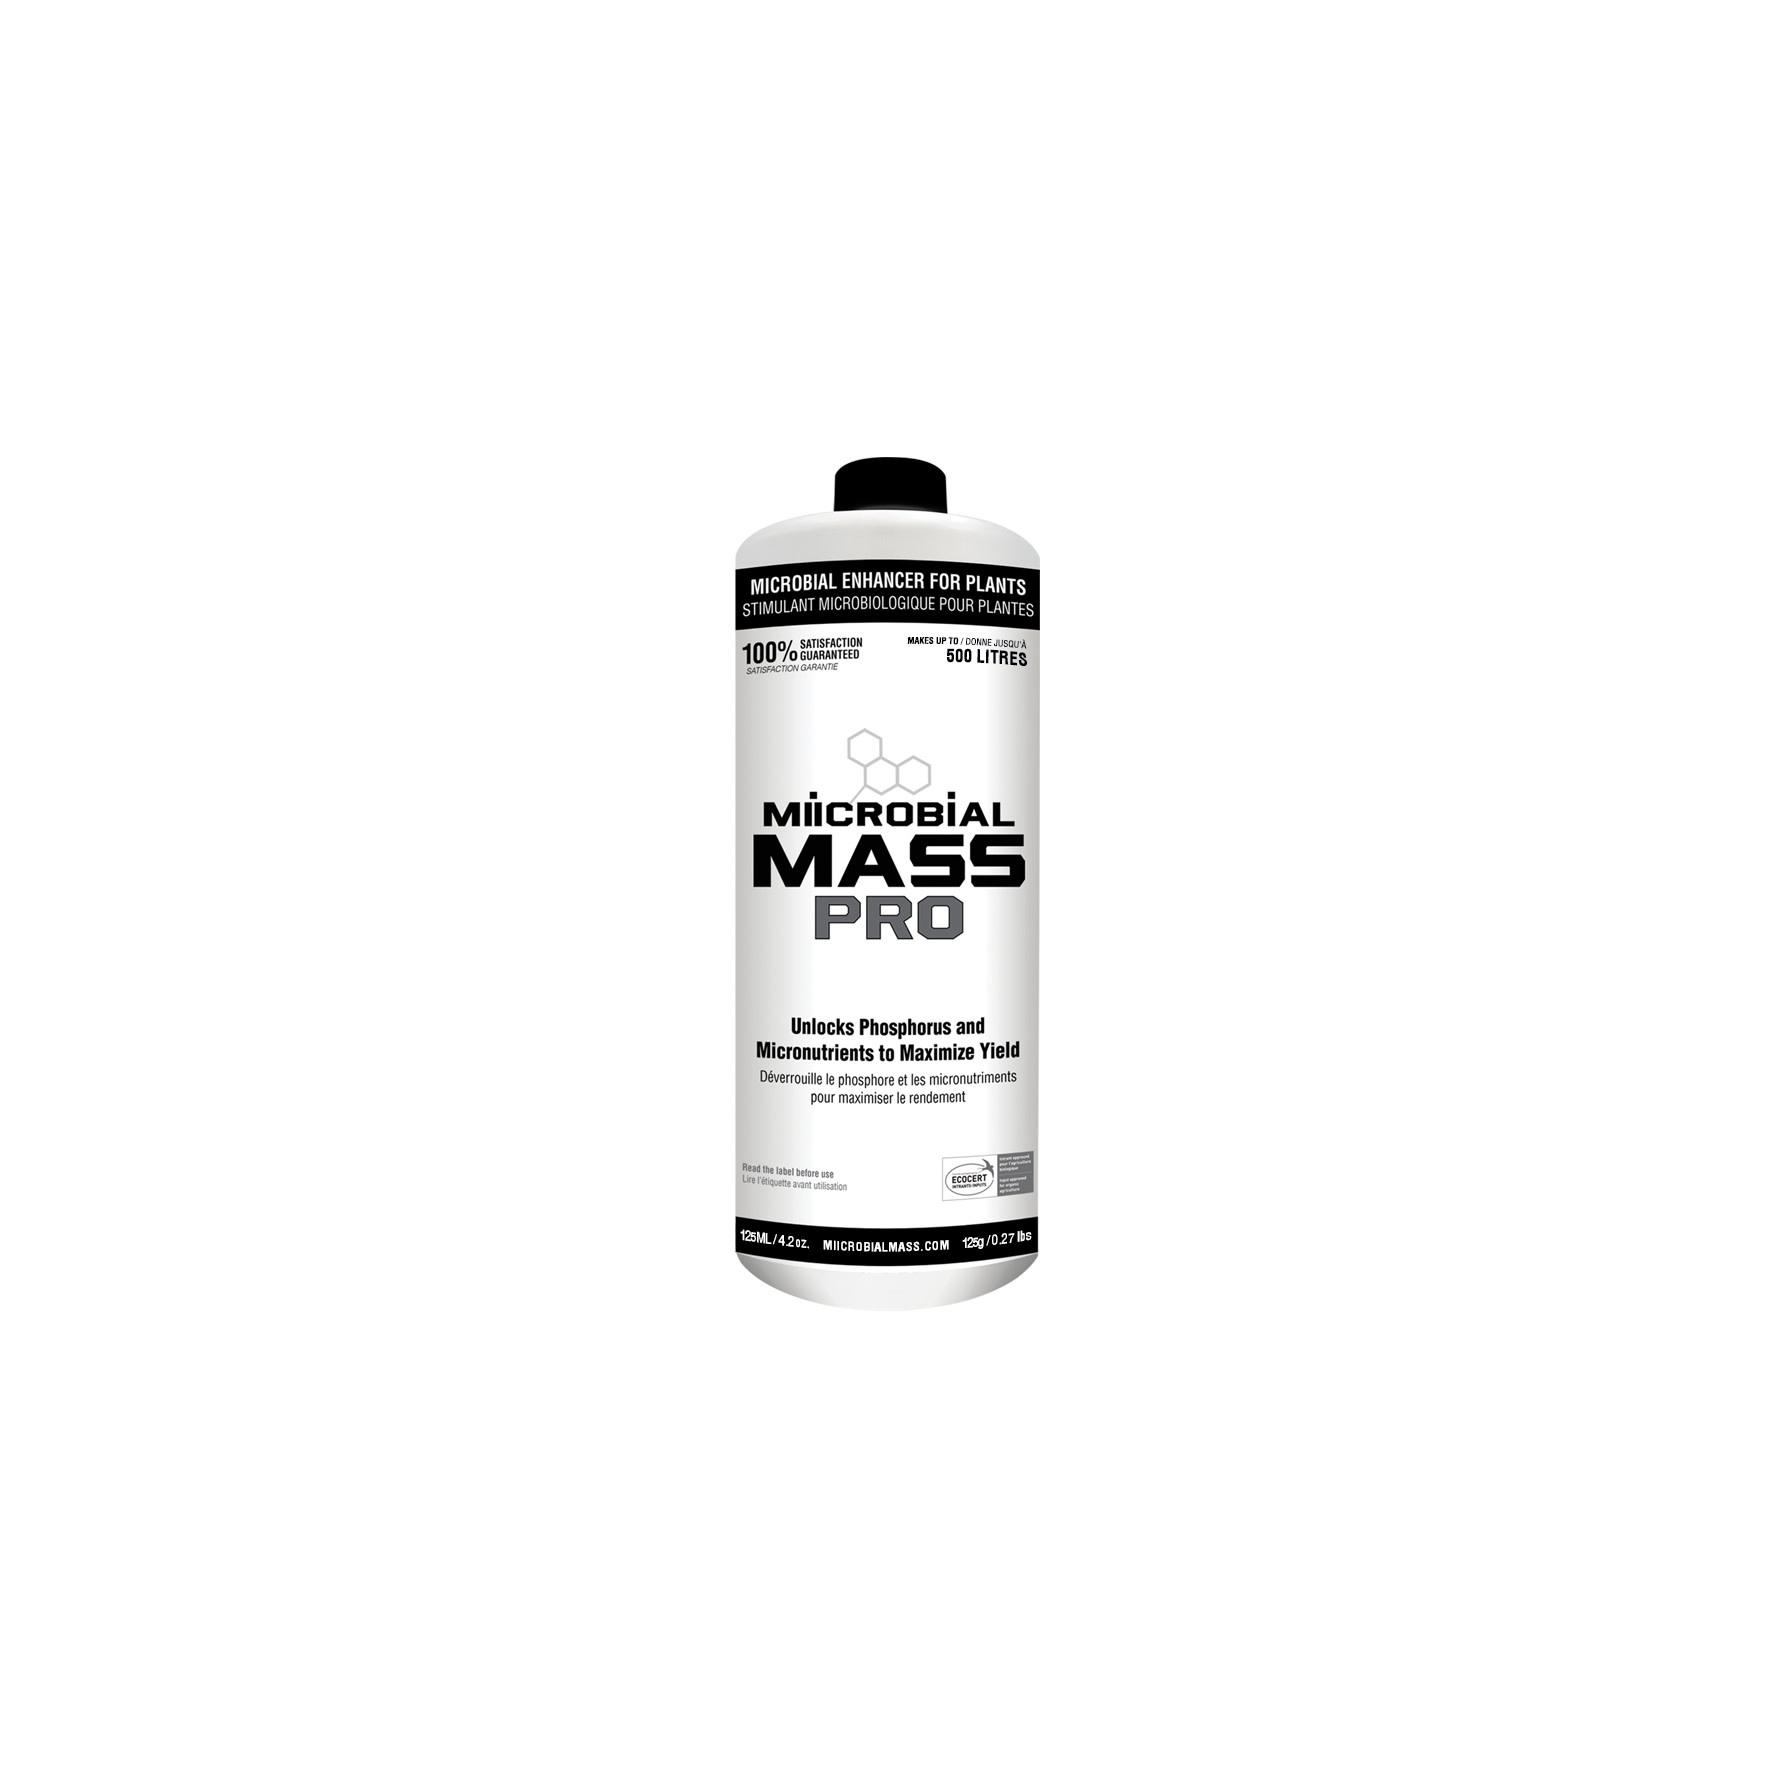 Miicrobial Mass Miicrobial Mass